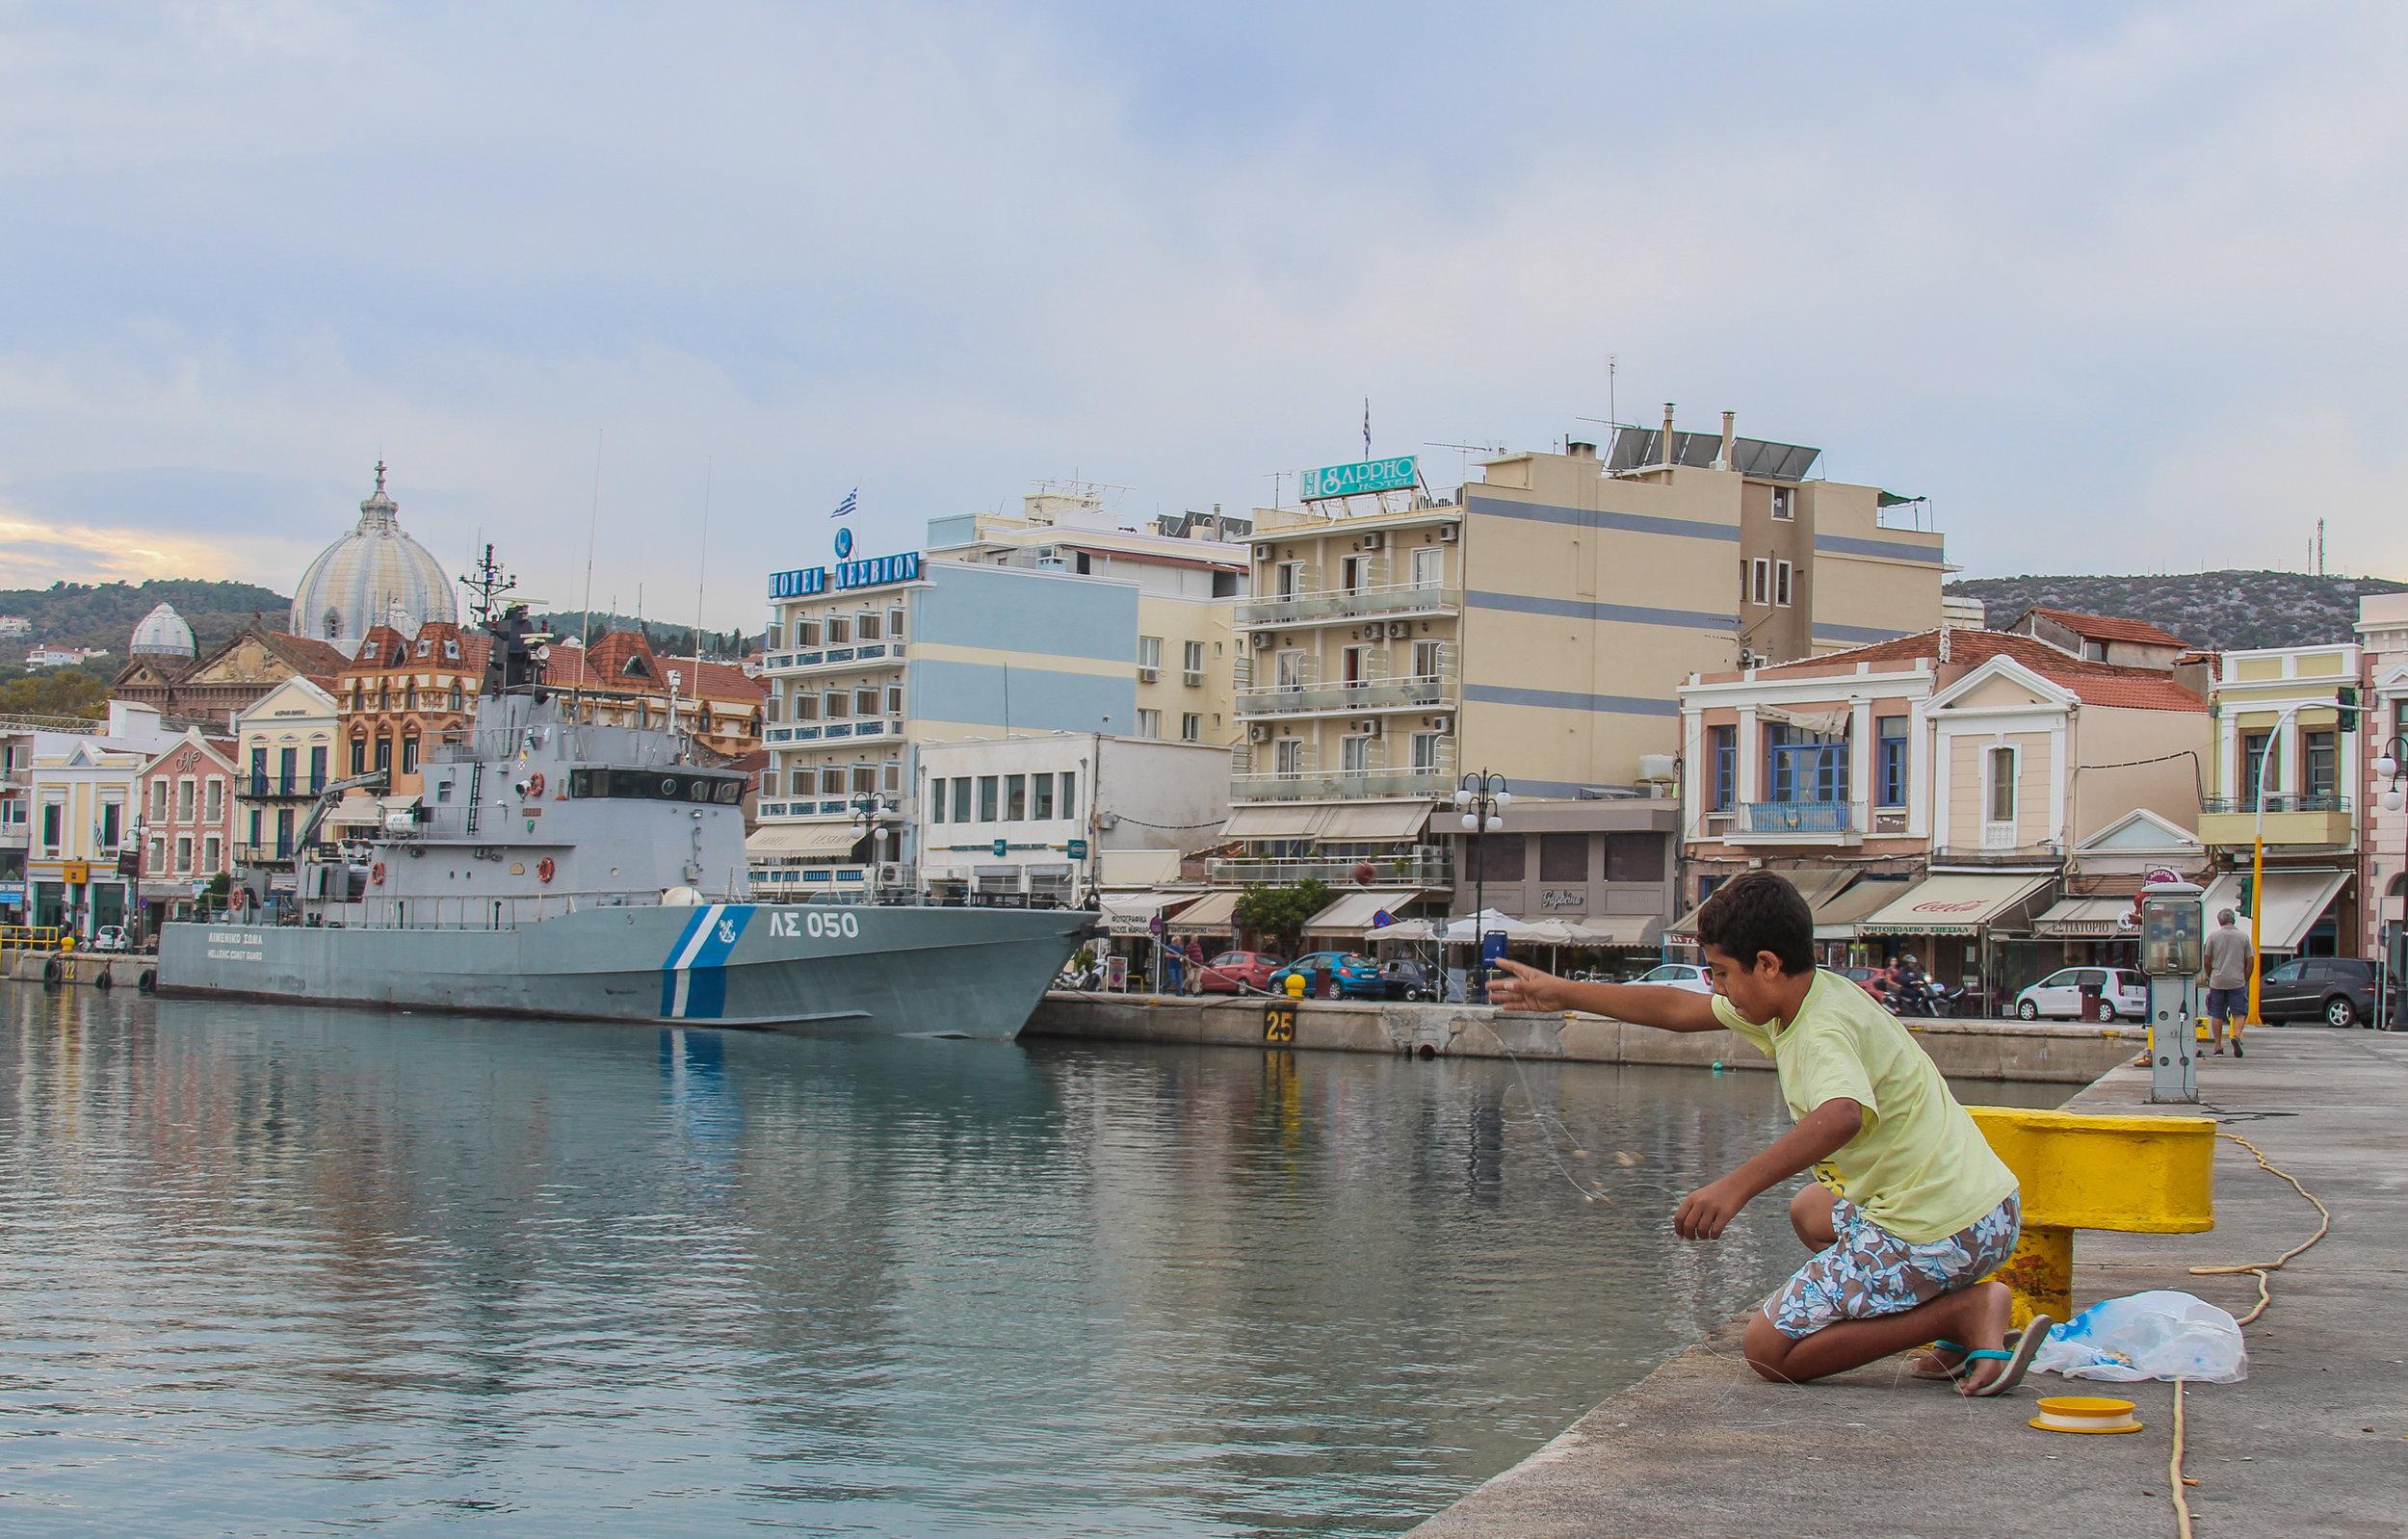 09/21/16 - Moria Refugee Camp Coverage - Lesvos Greece